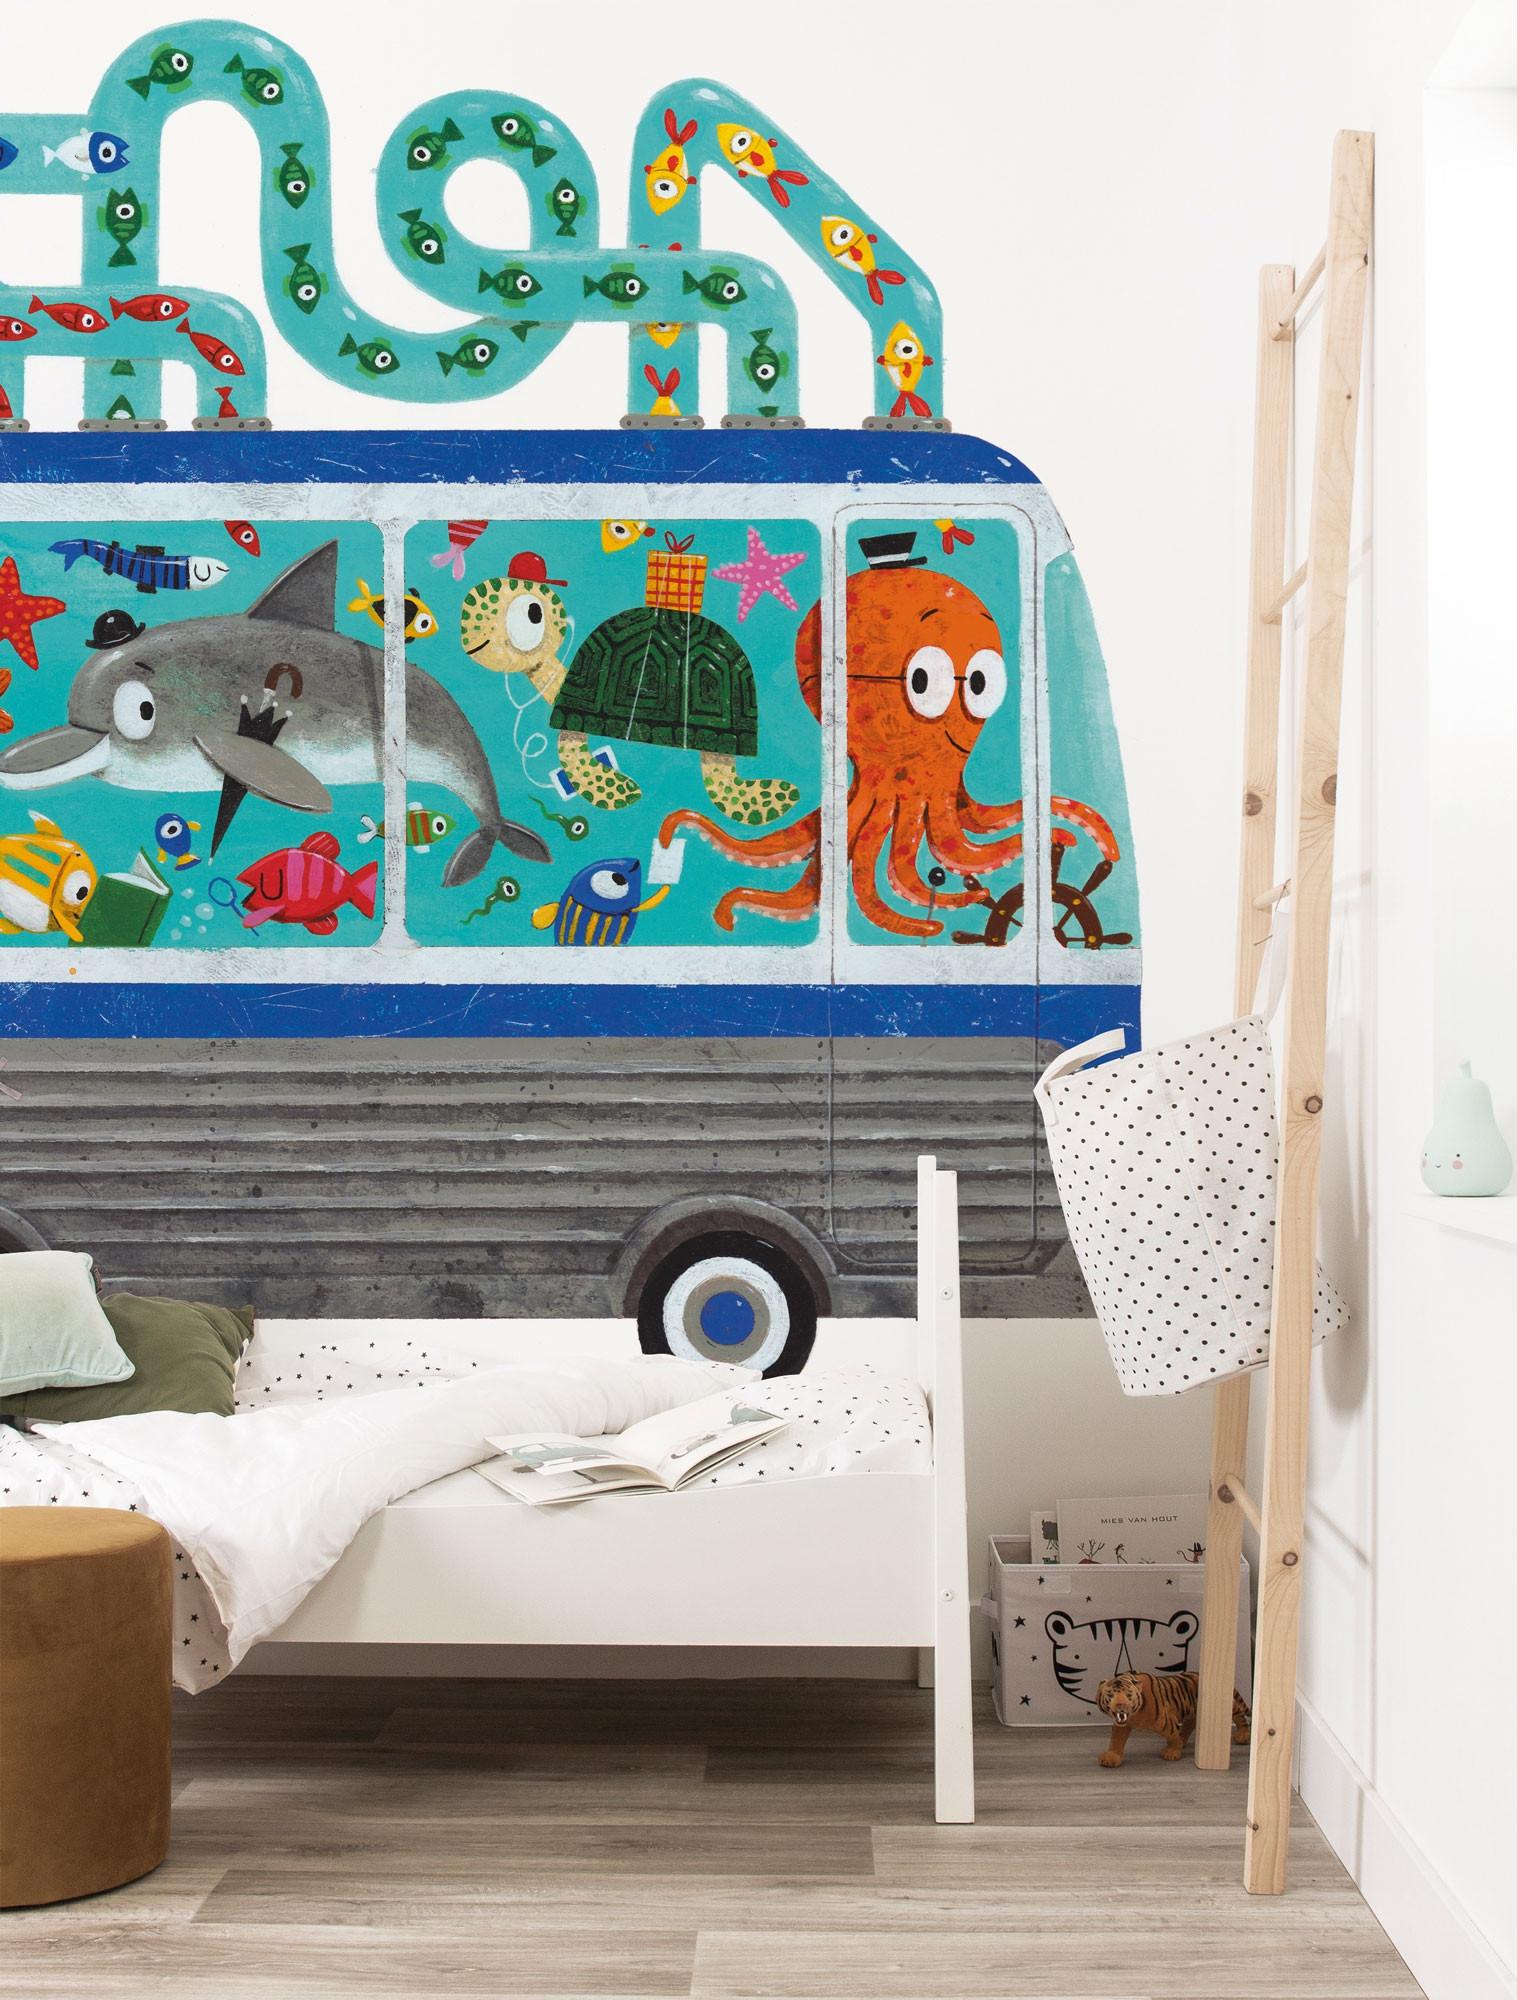 Kek Amsterdam Fotobehang Octobus, 389.6 x 280 cm-8719743886247-35